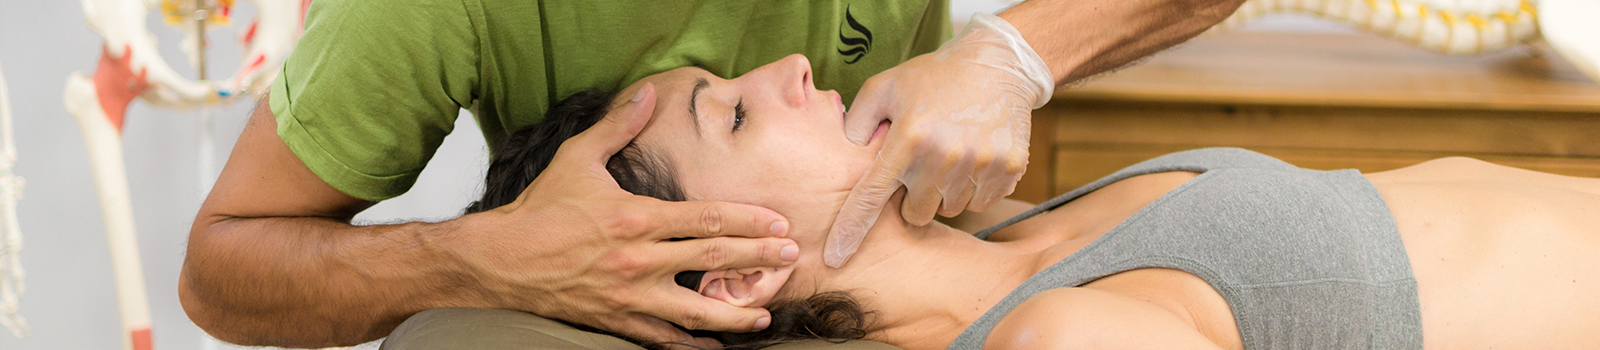 Introducción a la articulación temporomandibular y sus problemas relacionados